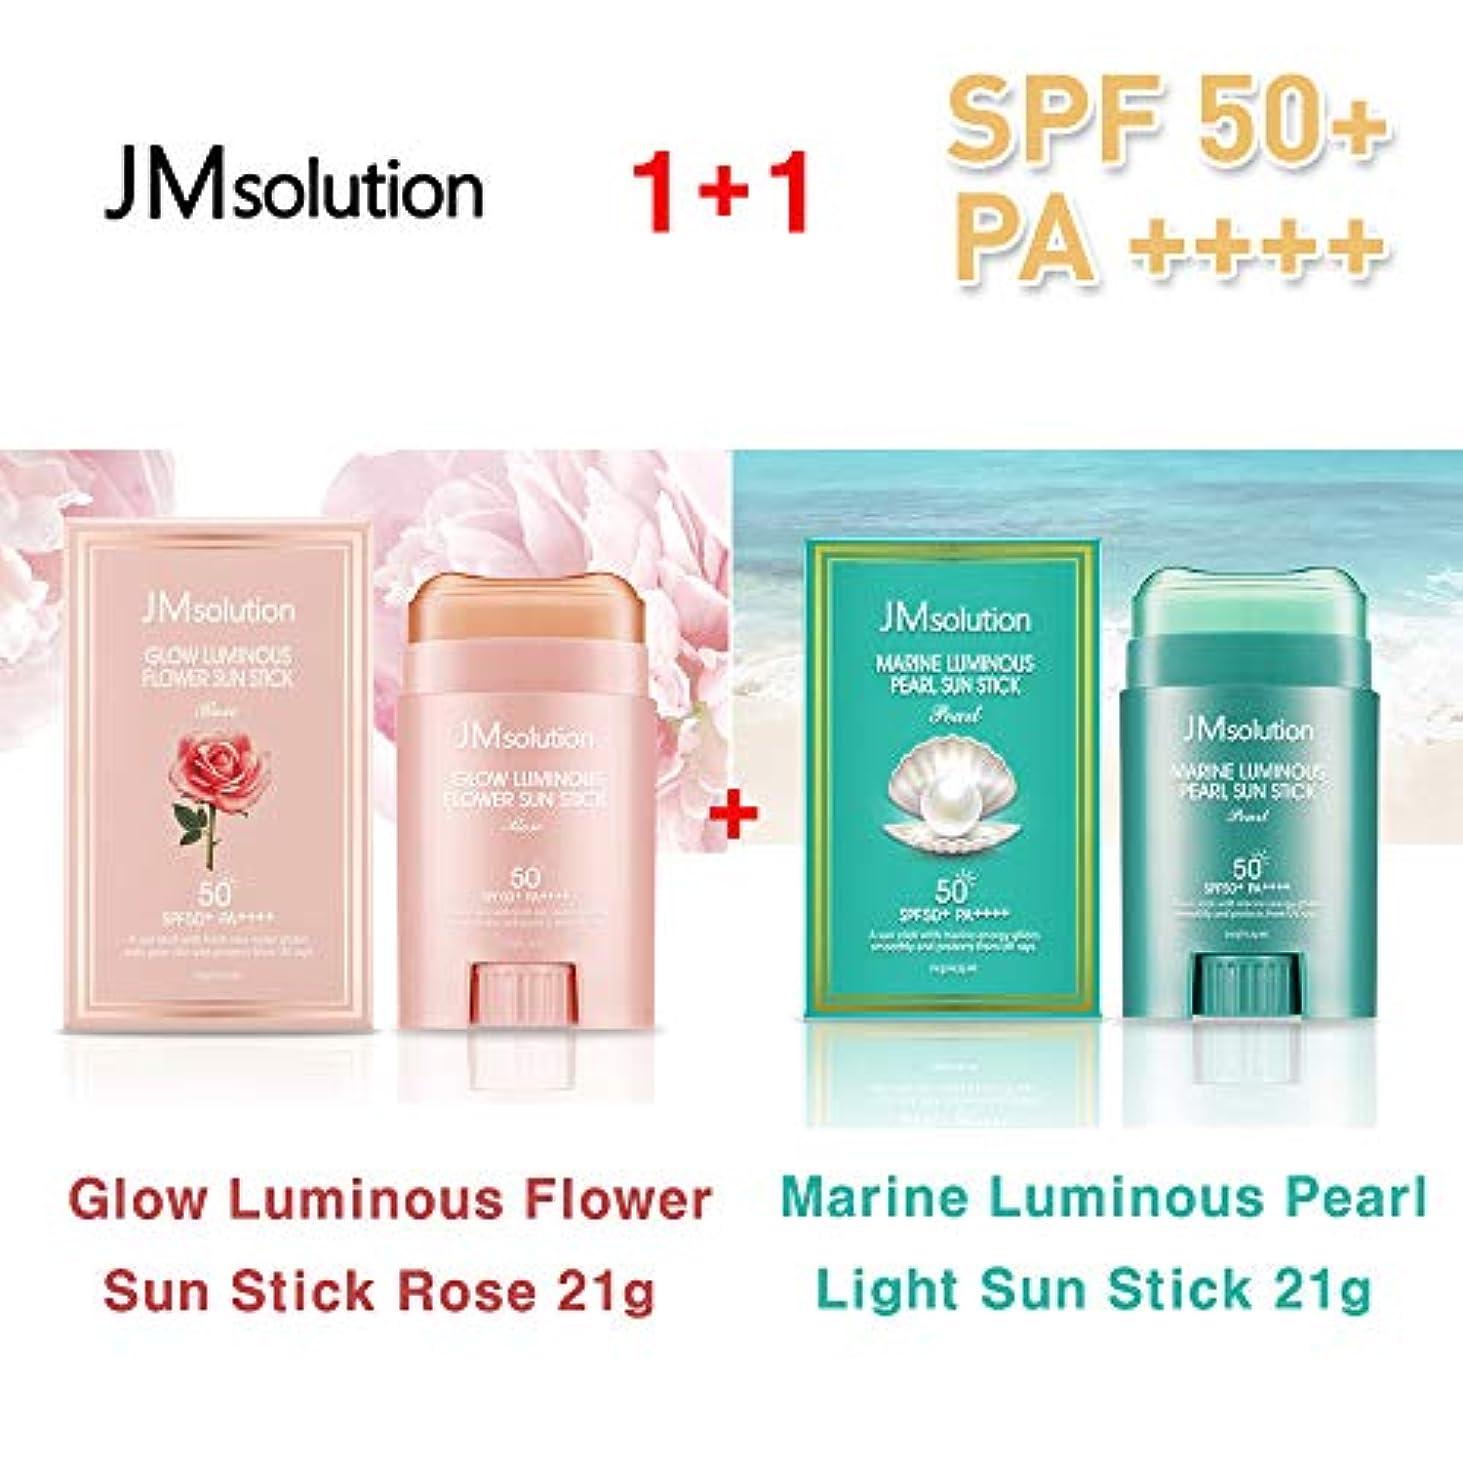 死の顎反対する転倒JM Solution ★1+1★ Glow Luminous Flower Sun Stick Rose 21g + Marine Luminous Pearl Light Sun Stick 21g / 光る輝く花Sun...